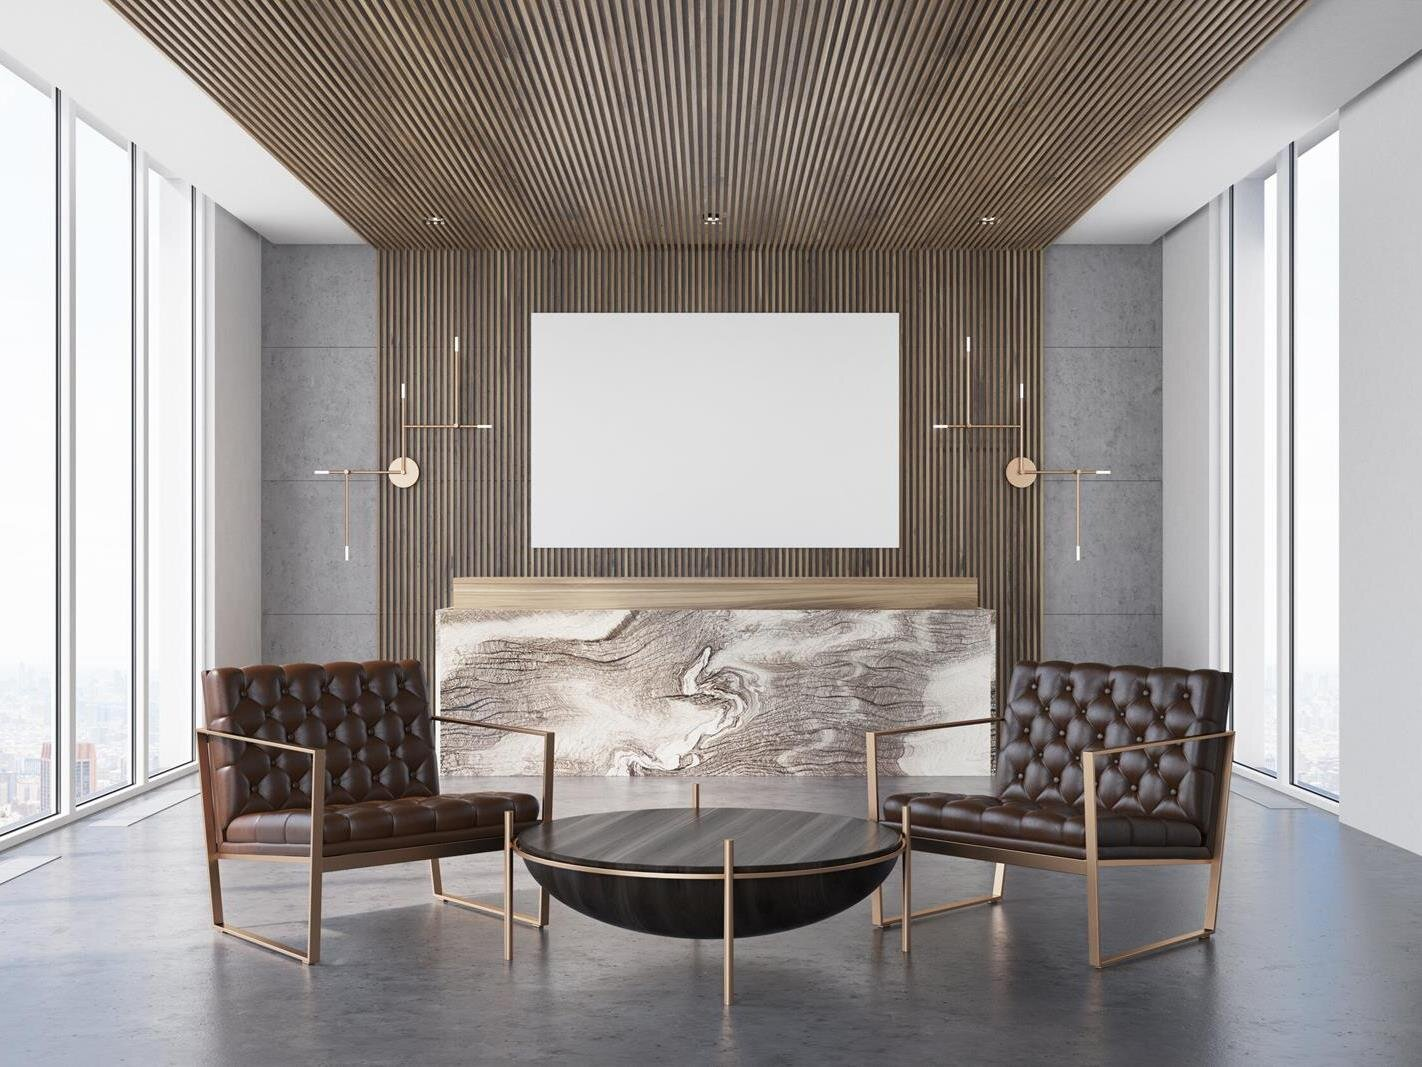 Alka Interior Designer Chicago Home Decorators Interior Design Chicago